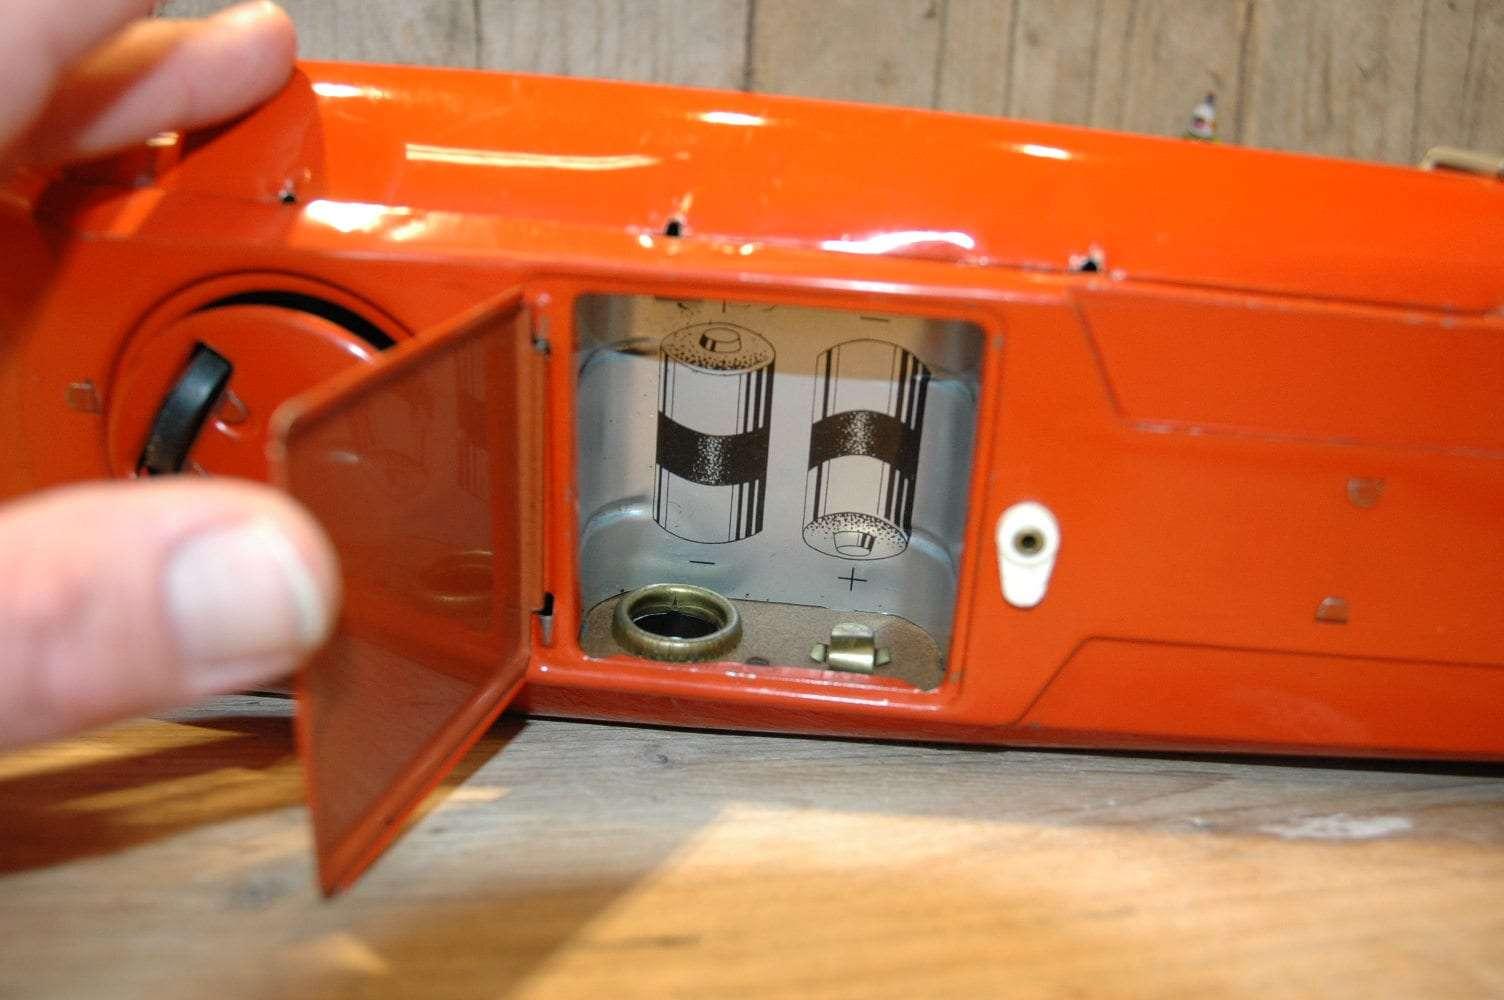 Bandai / Sears - Area Radiation Tester